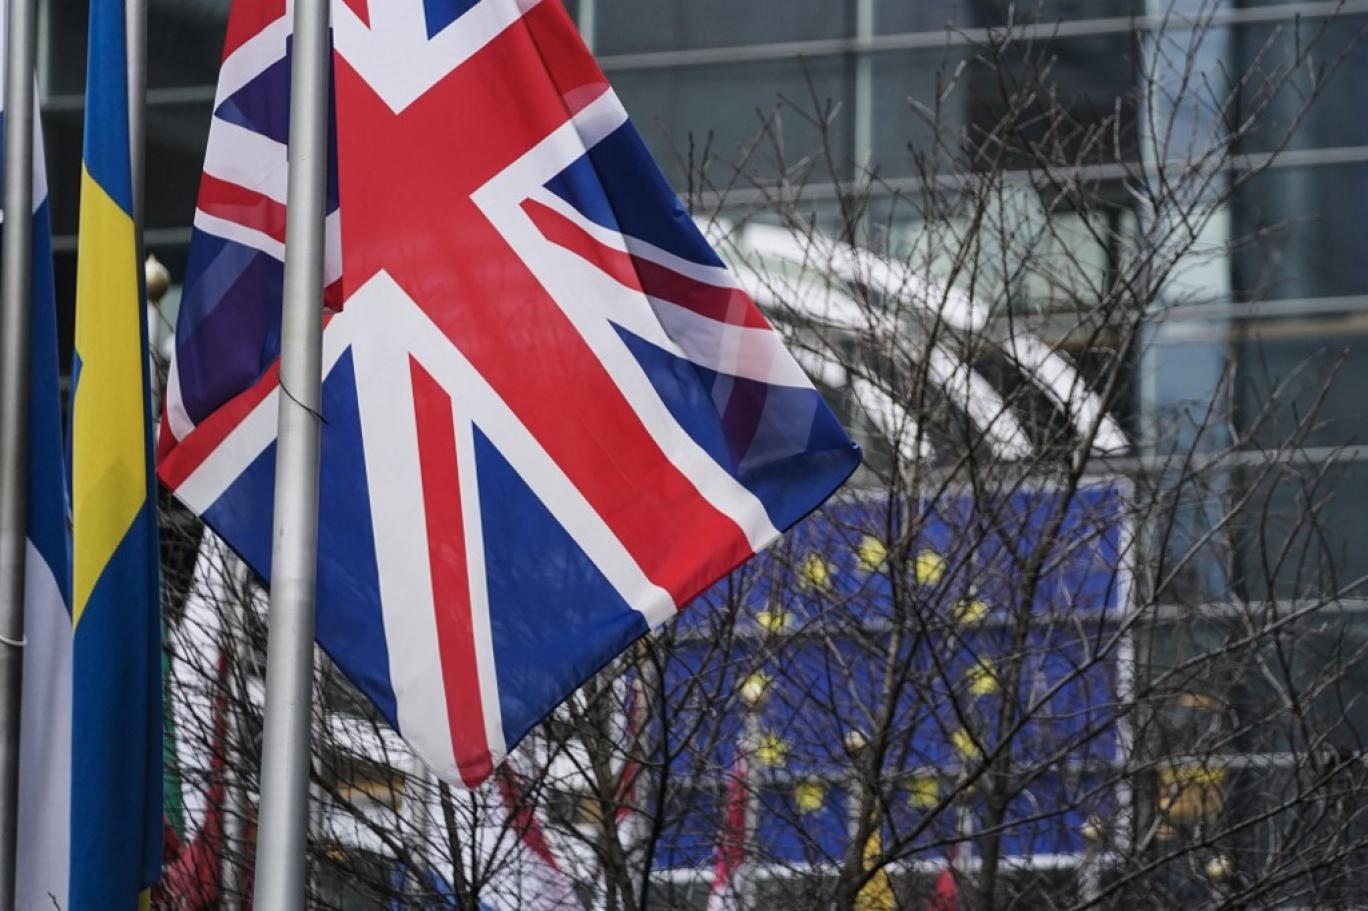 بريطانيا تستبعد رسميا تمديد الفترة الانتقالية لبريكست